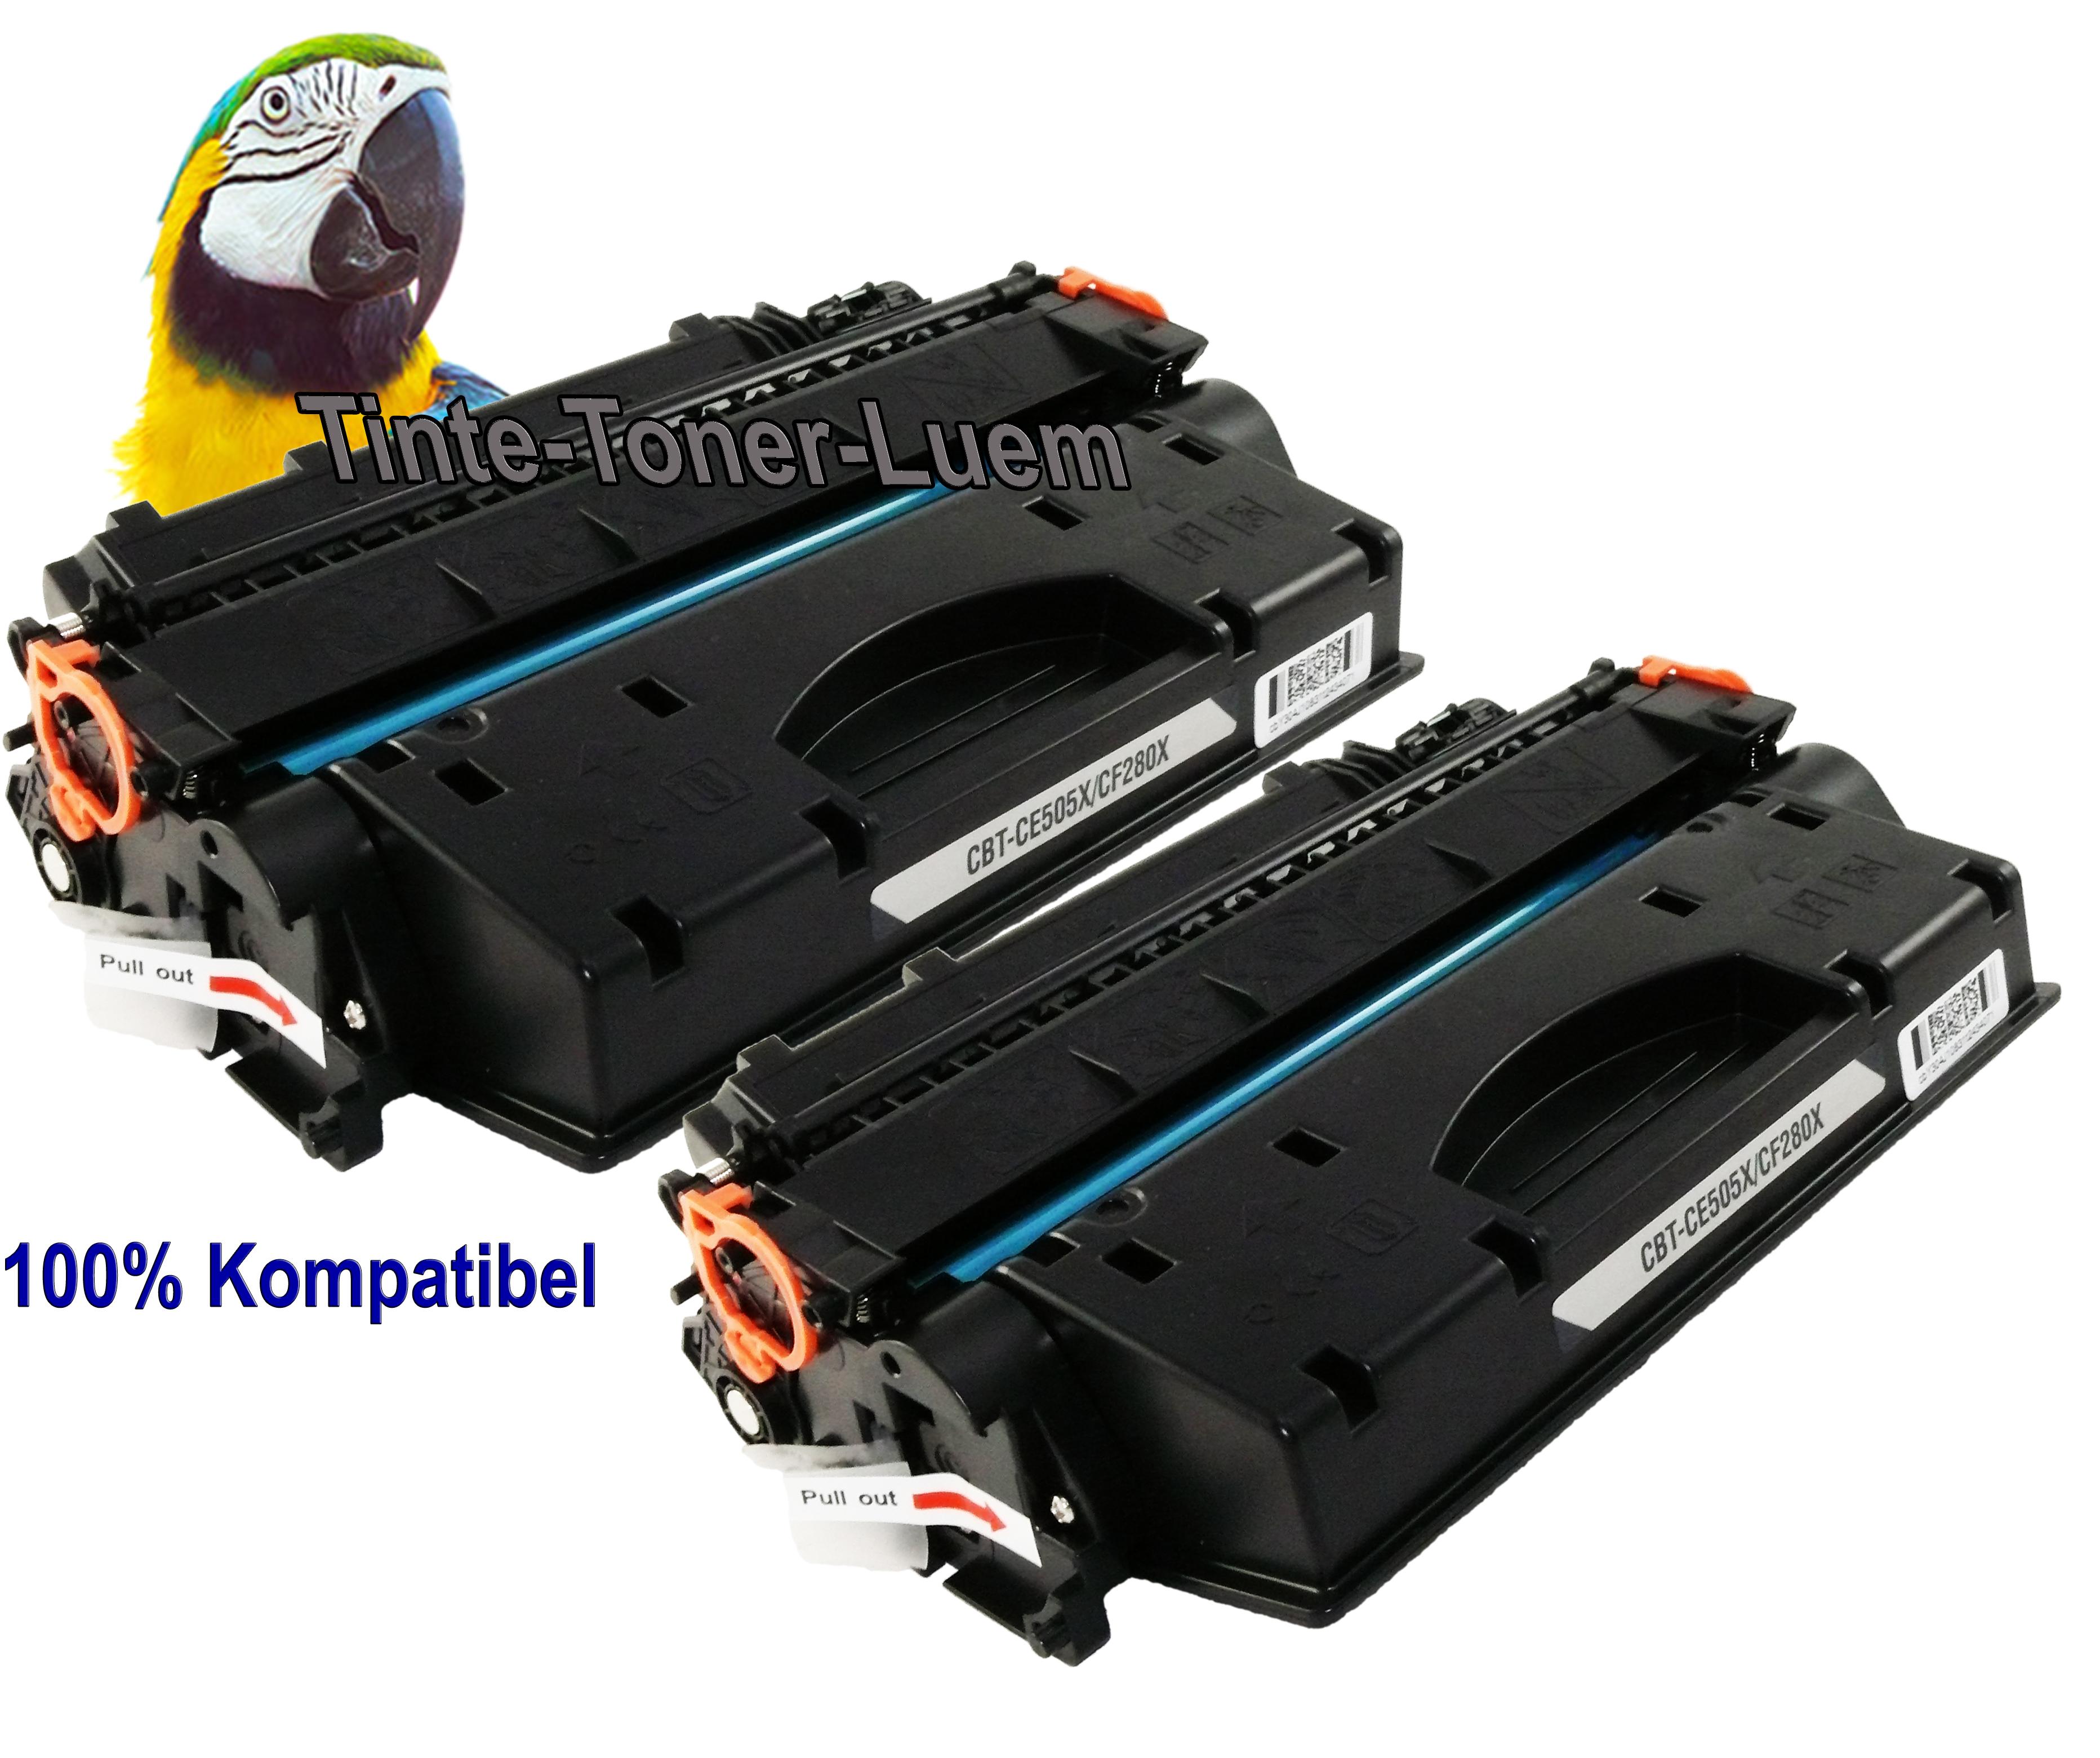 KKmoon integrierter Typ L/ötmaschinen-Zubeh/ör durch automatisches Ausl/ösen von Punktschwei/ßstift f/ür die 18650 Batterie